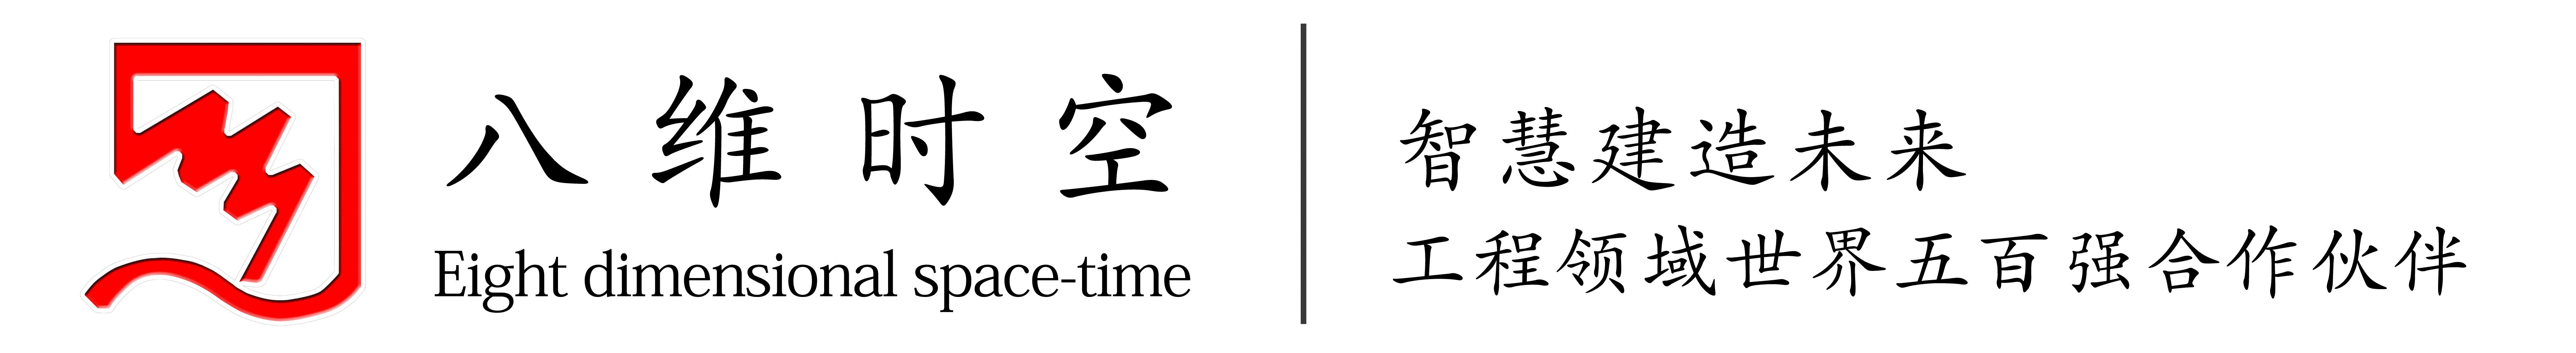 武汉八维时空信息技术股份有限公司